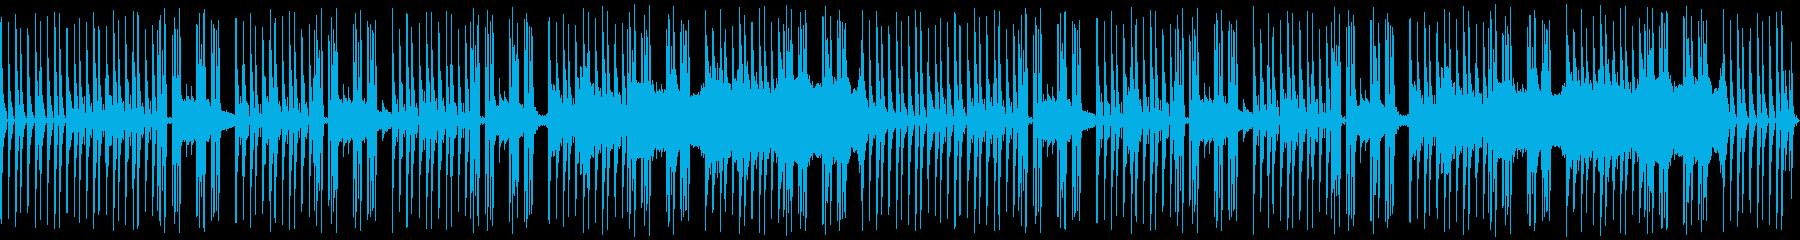 スパイ映画風の怪しく緊張感のあるBGMの再生済みの波形